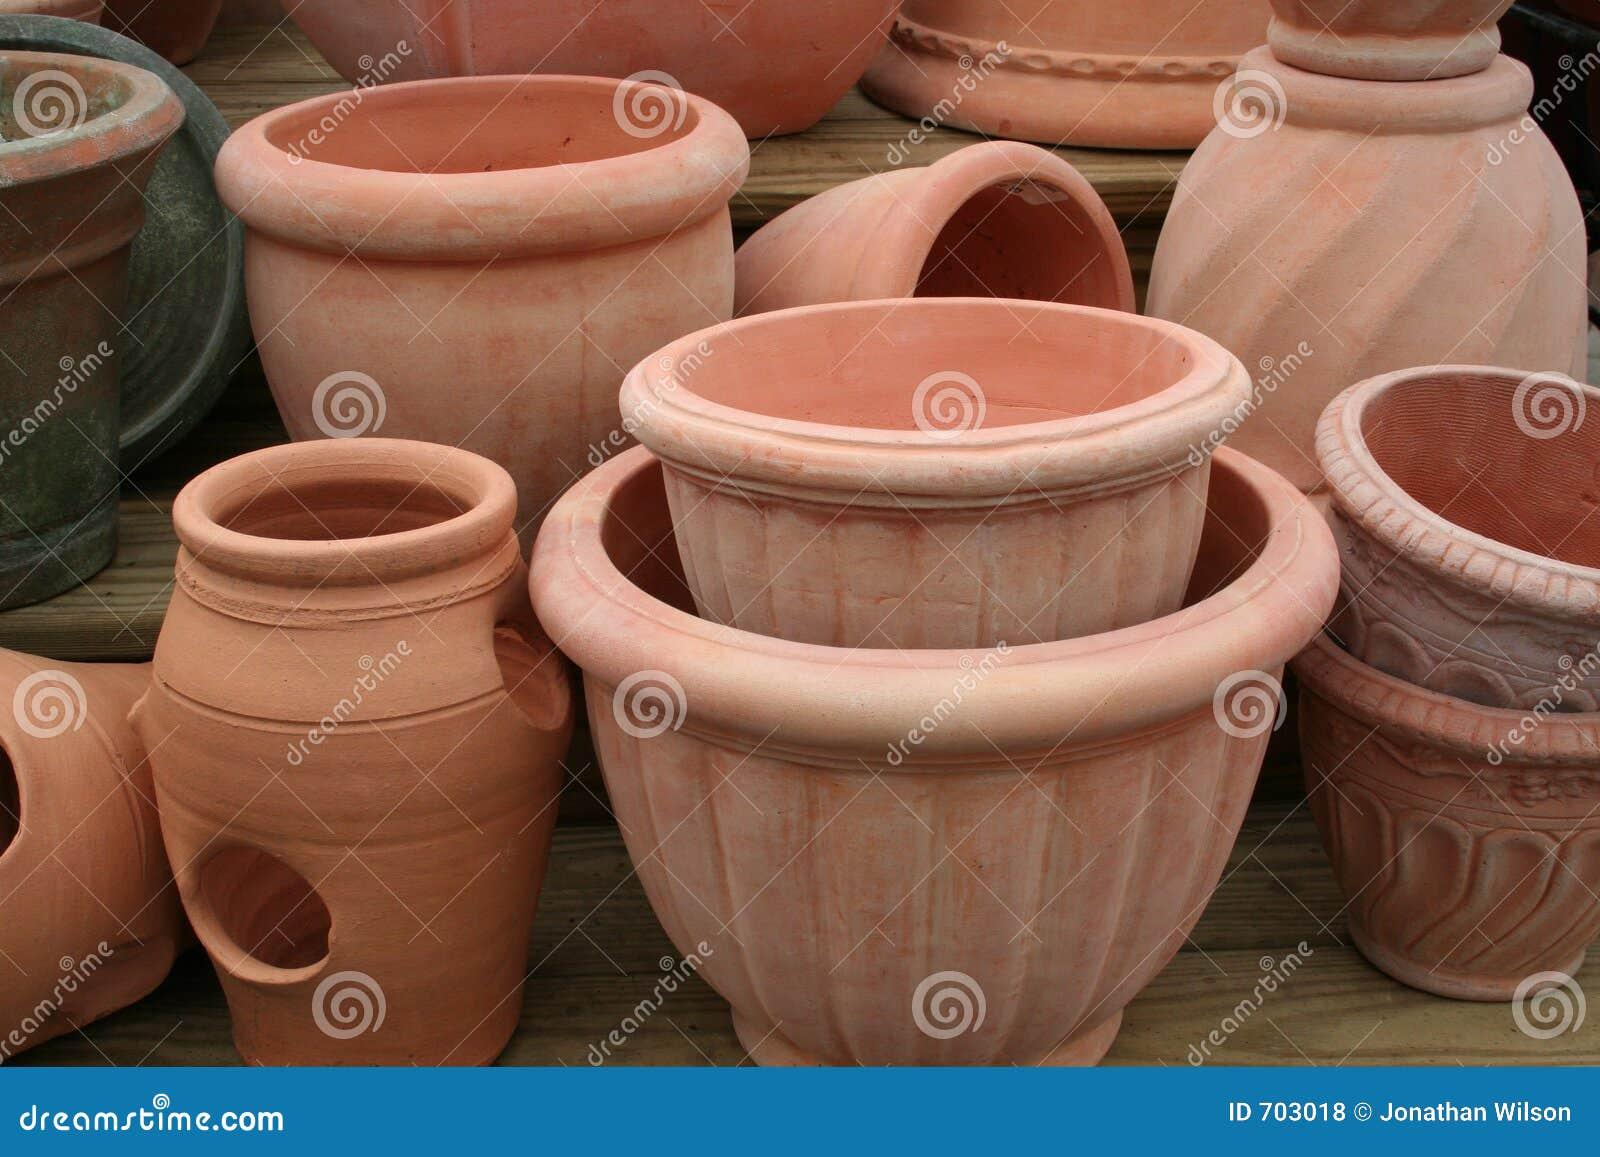 Bacs de terre cuite